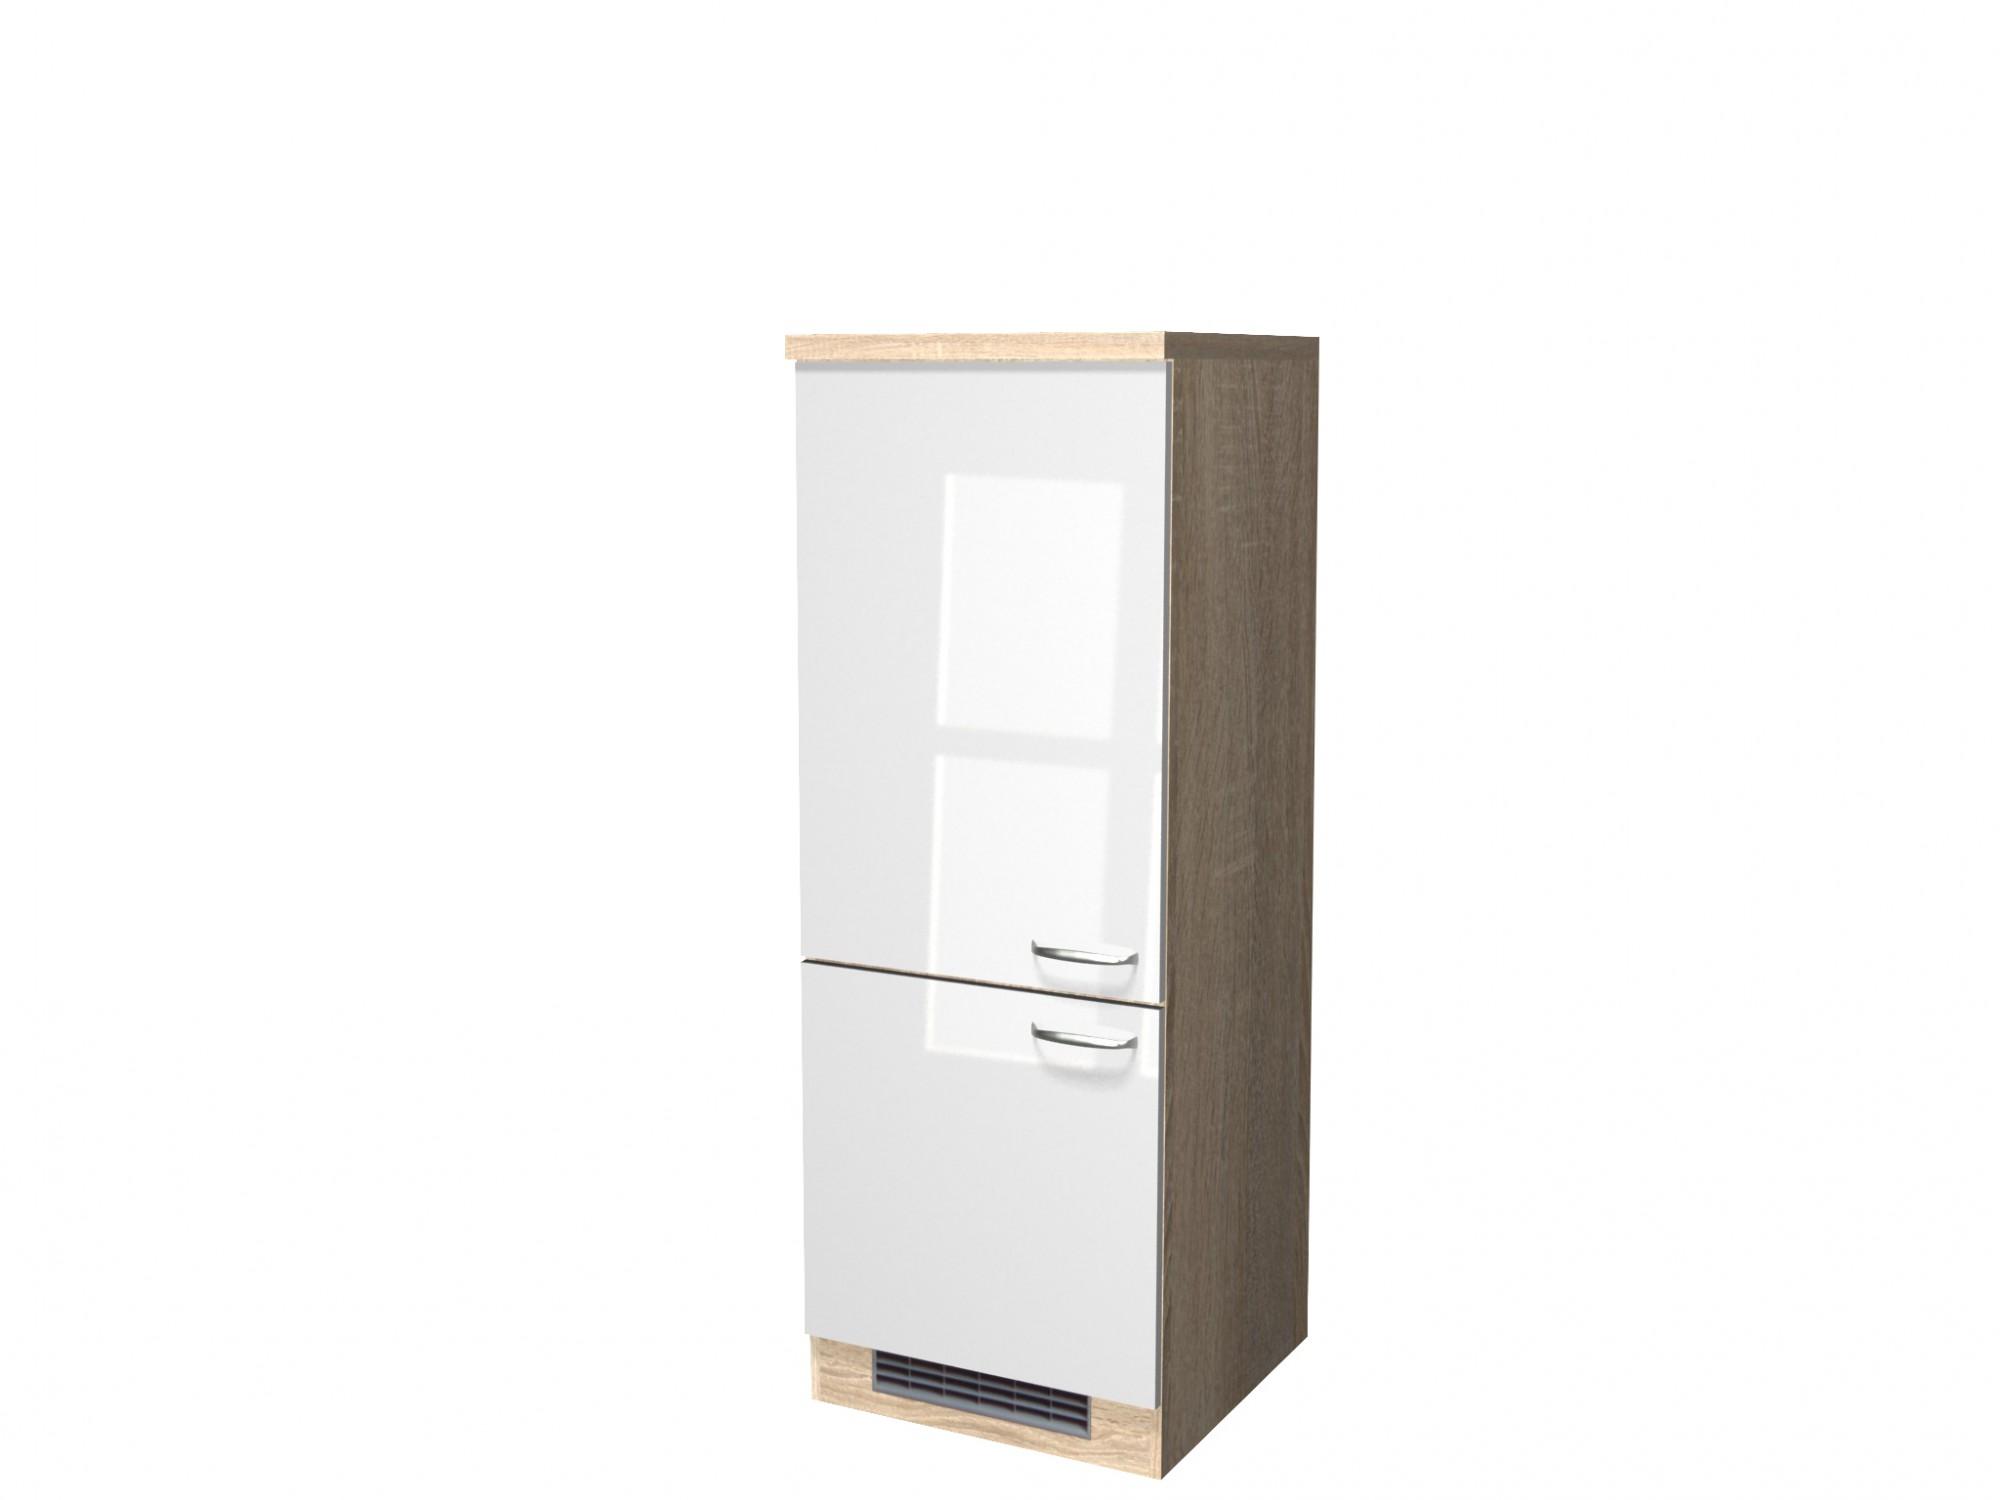 Amerikanischer Kühlschrank Tiefe 60 Cm : Kühlschrank breite kühlschrank breite geschmackvoll genial